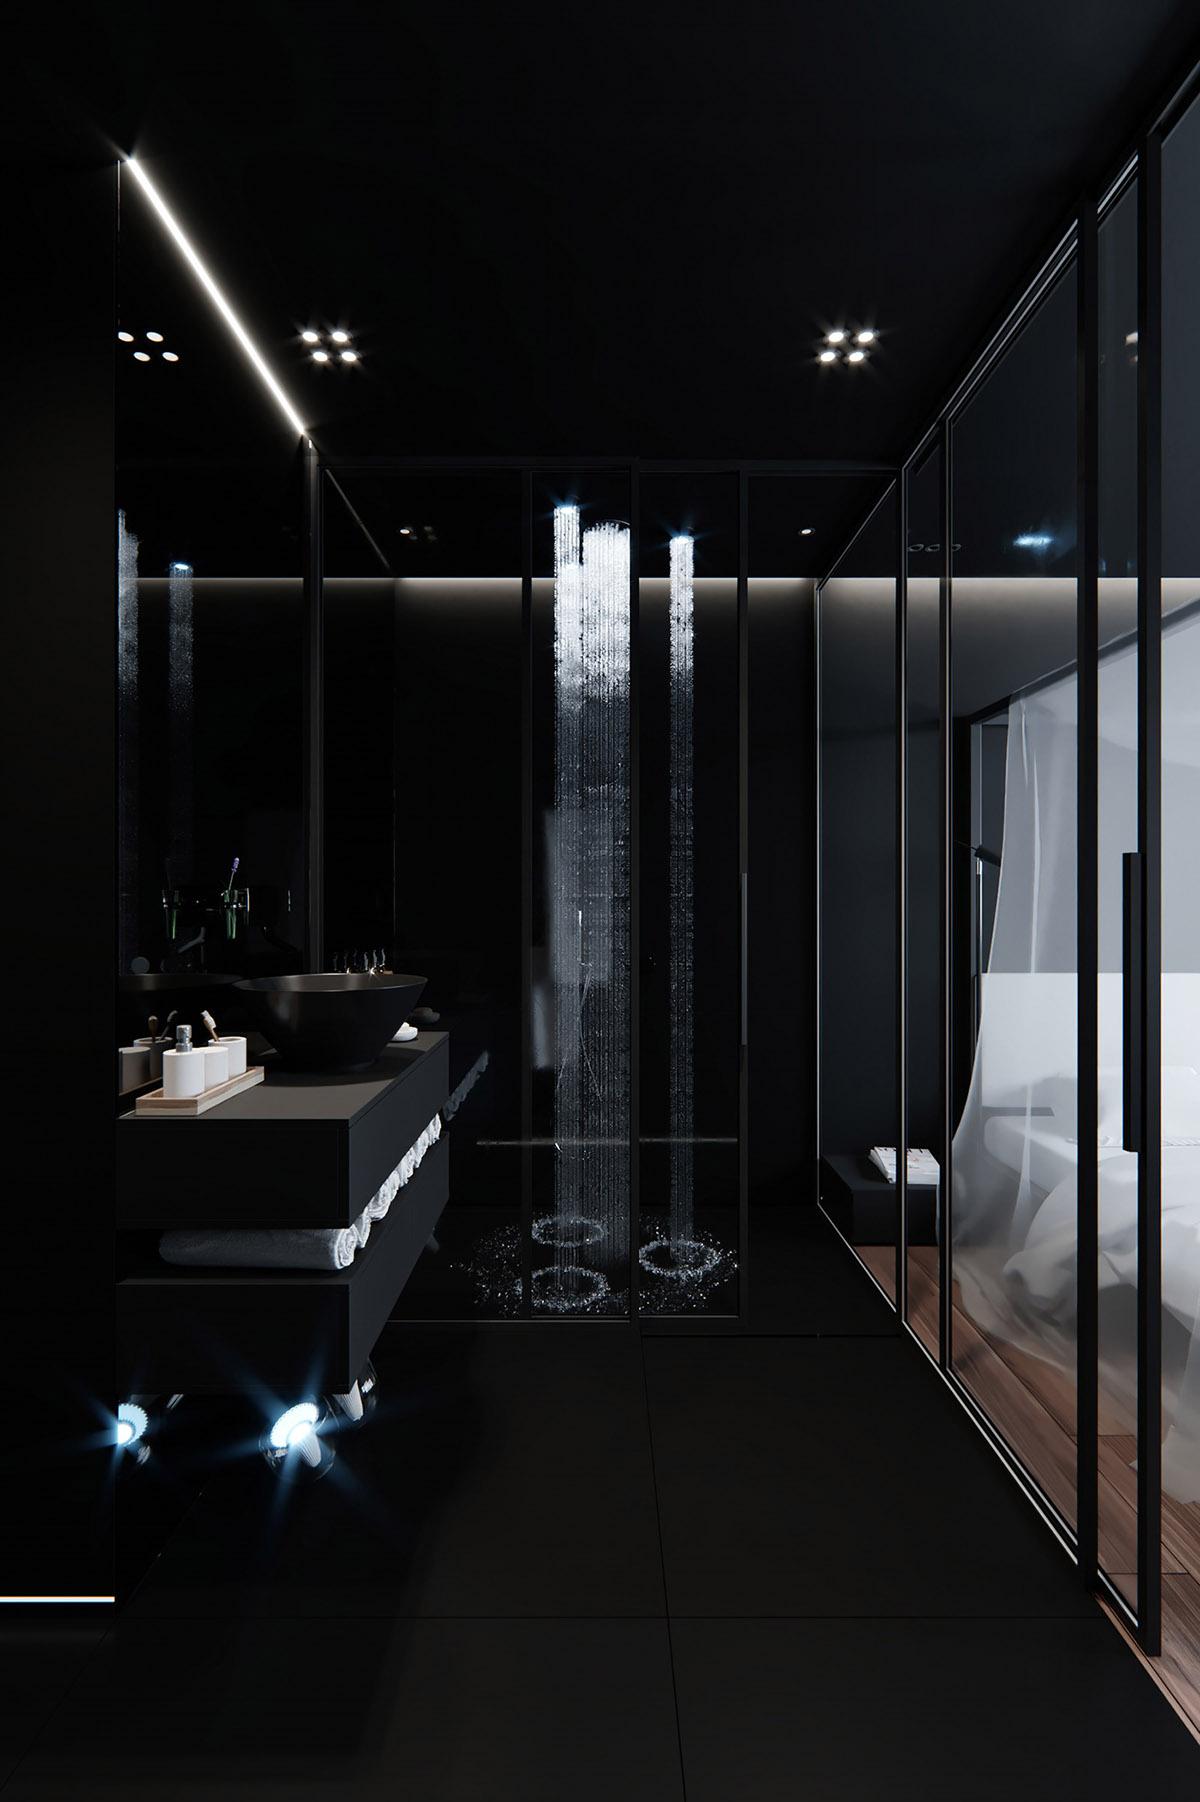 Sử Dụng Tông Màu Tối Để Làm Nổi Bật Căn Phòng Thêm Phần Sang Trọng - Waterfall shower